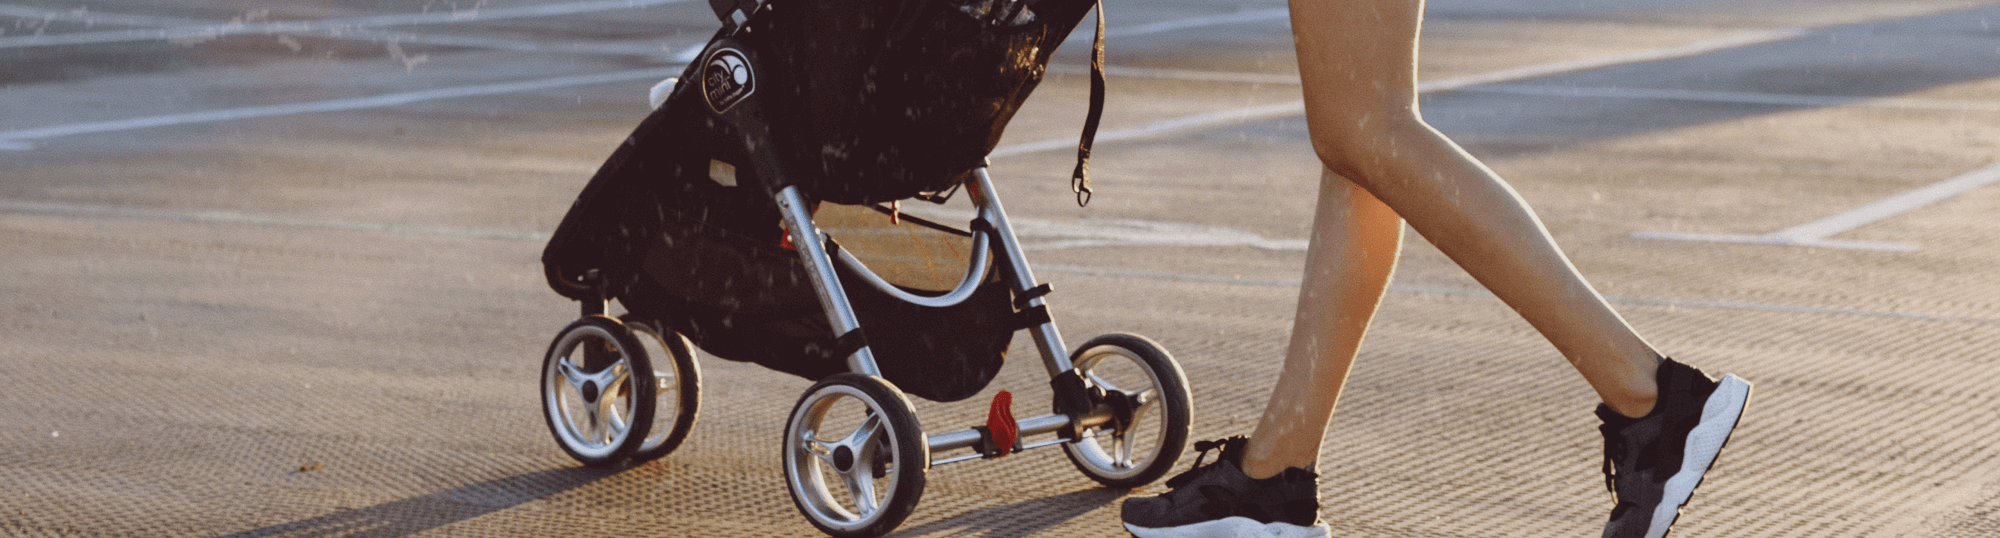 Barnvagnar jämförelse på fritidsportalen.se